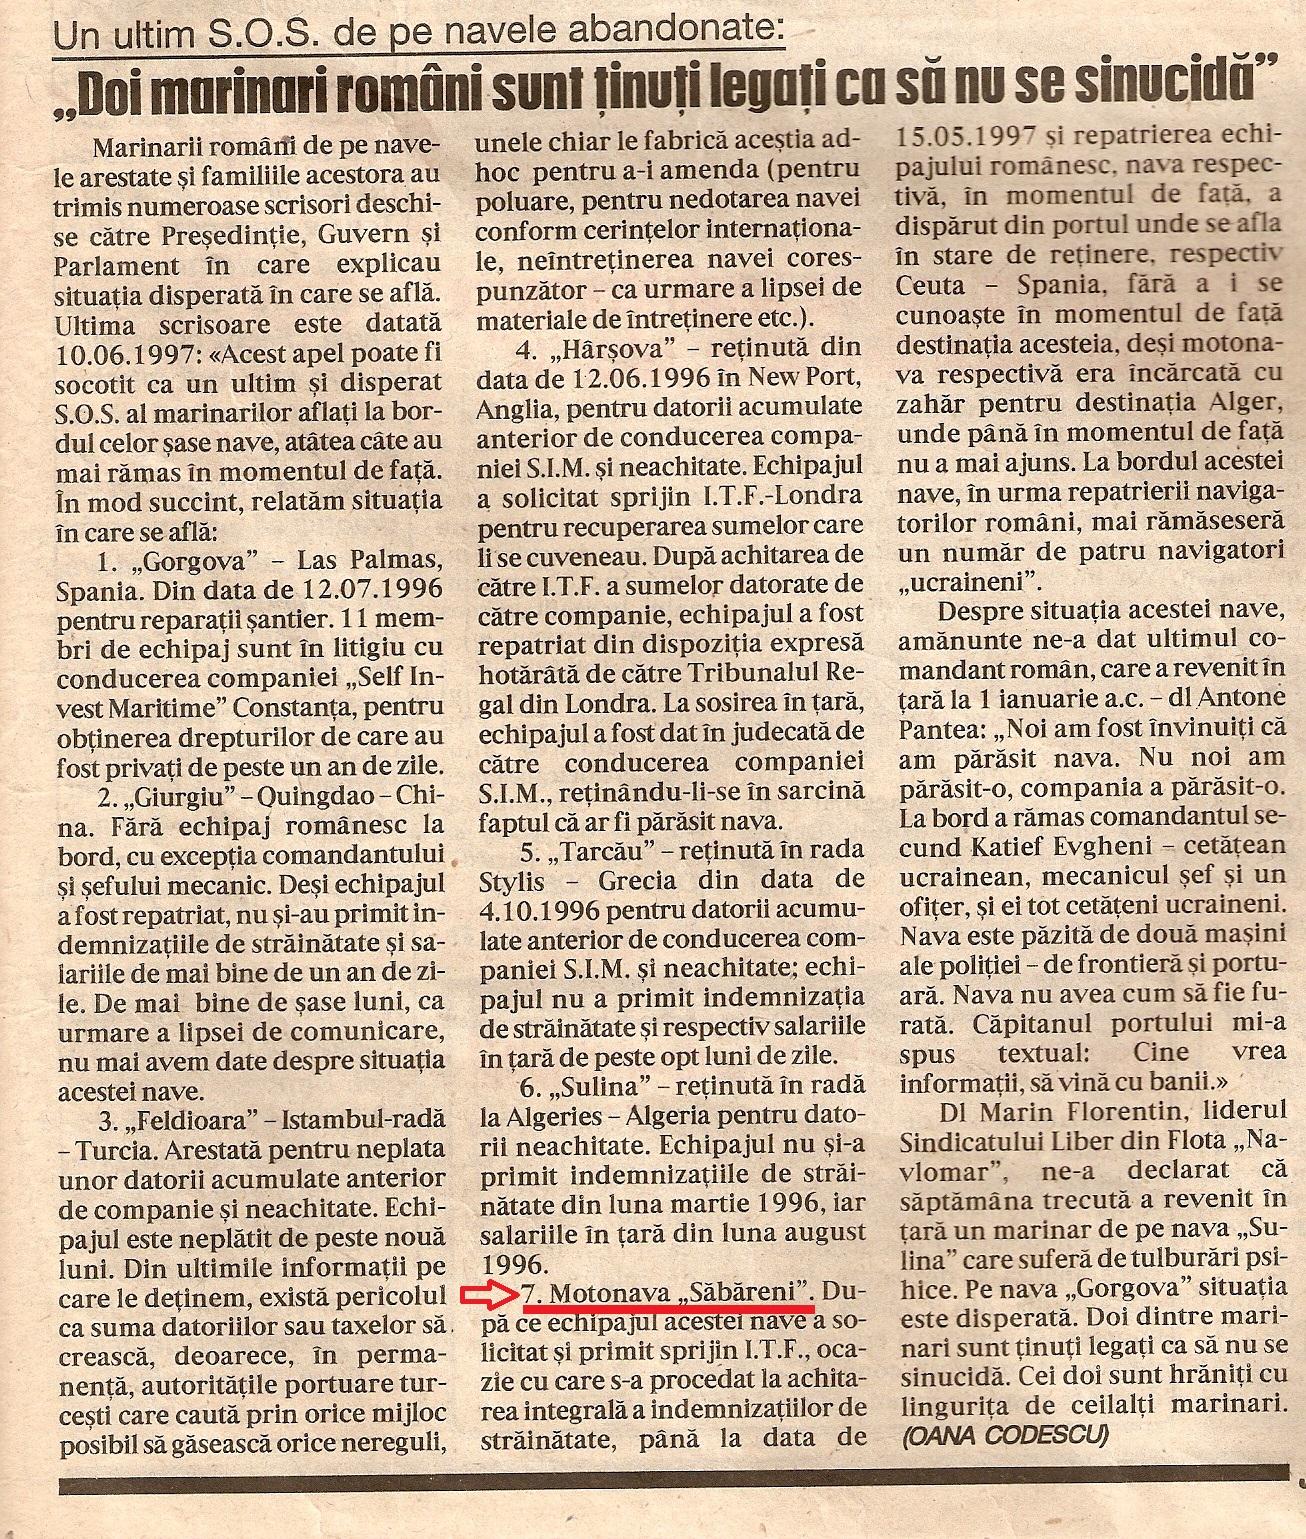 """""""Jurnalul Naţional"""", Anul V, nr. 1241, vineri, 27 iunie 1997, pag. 9."""